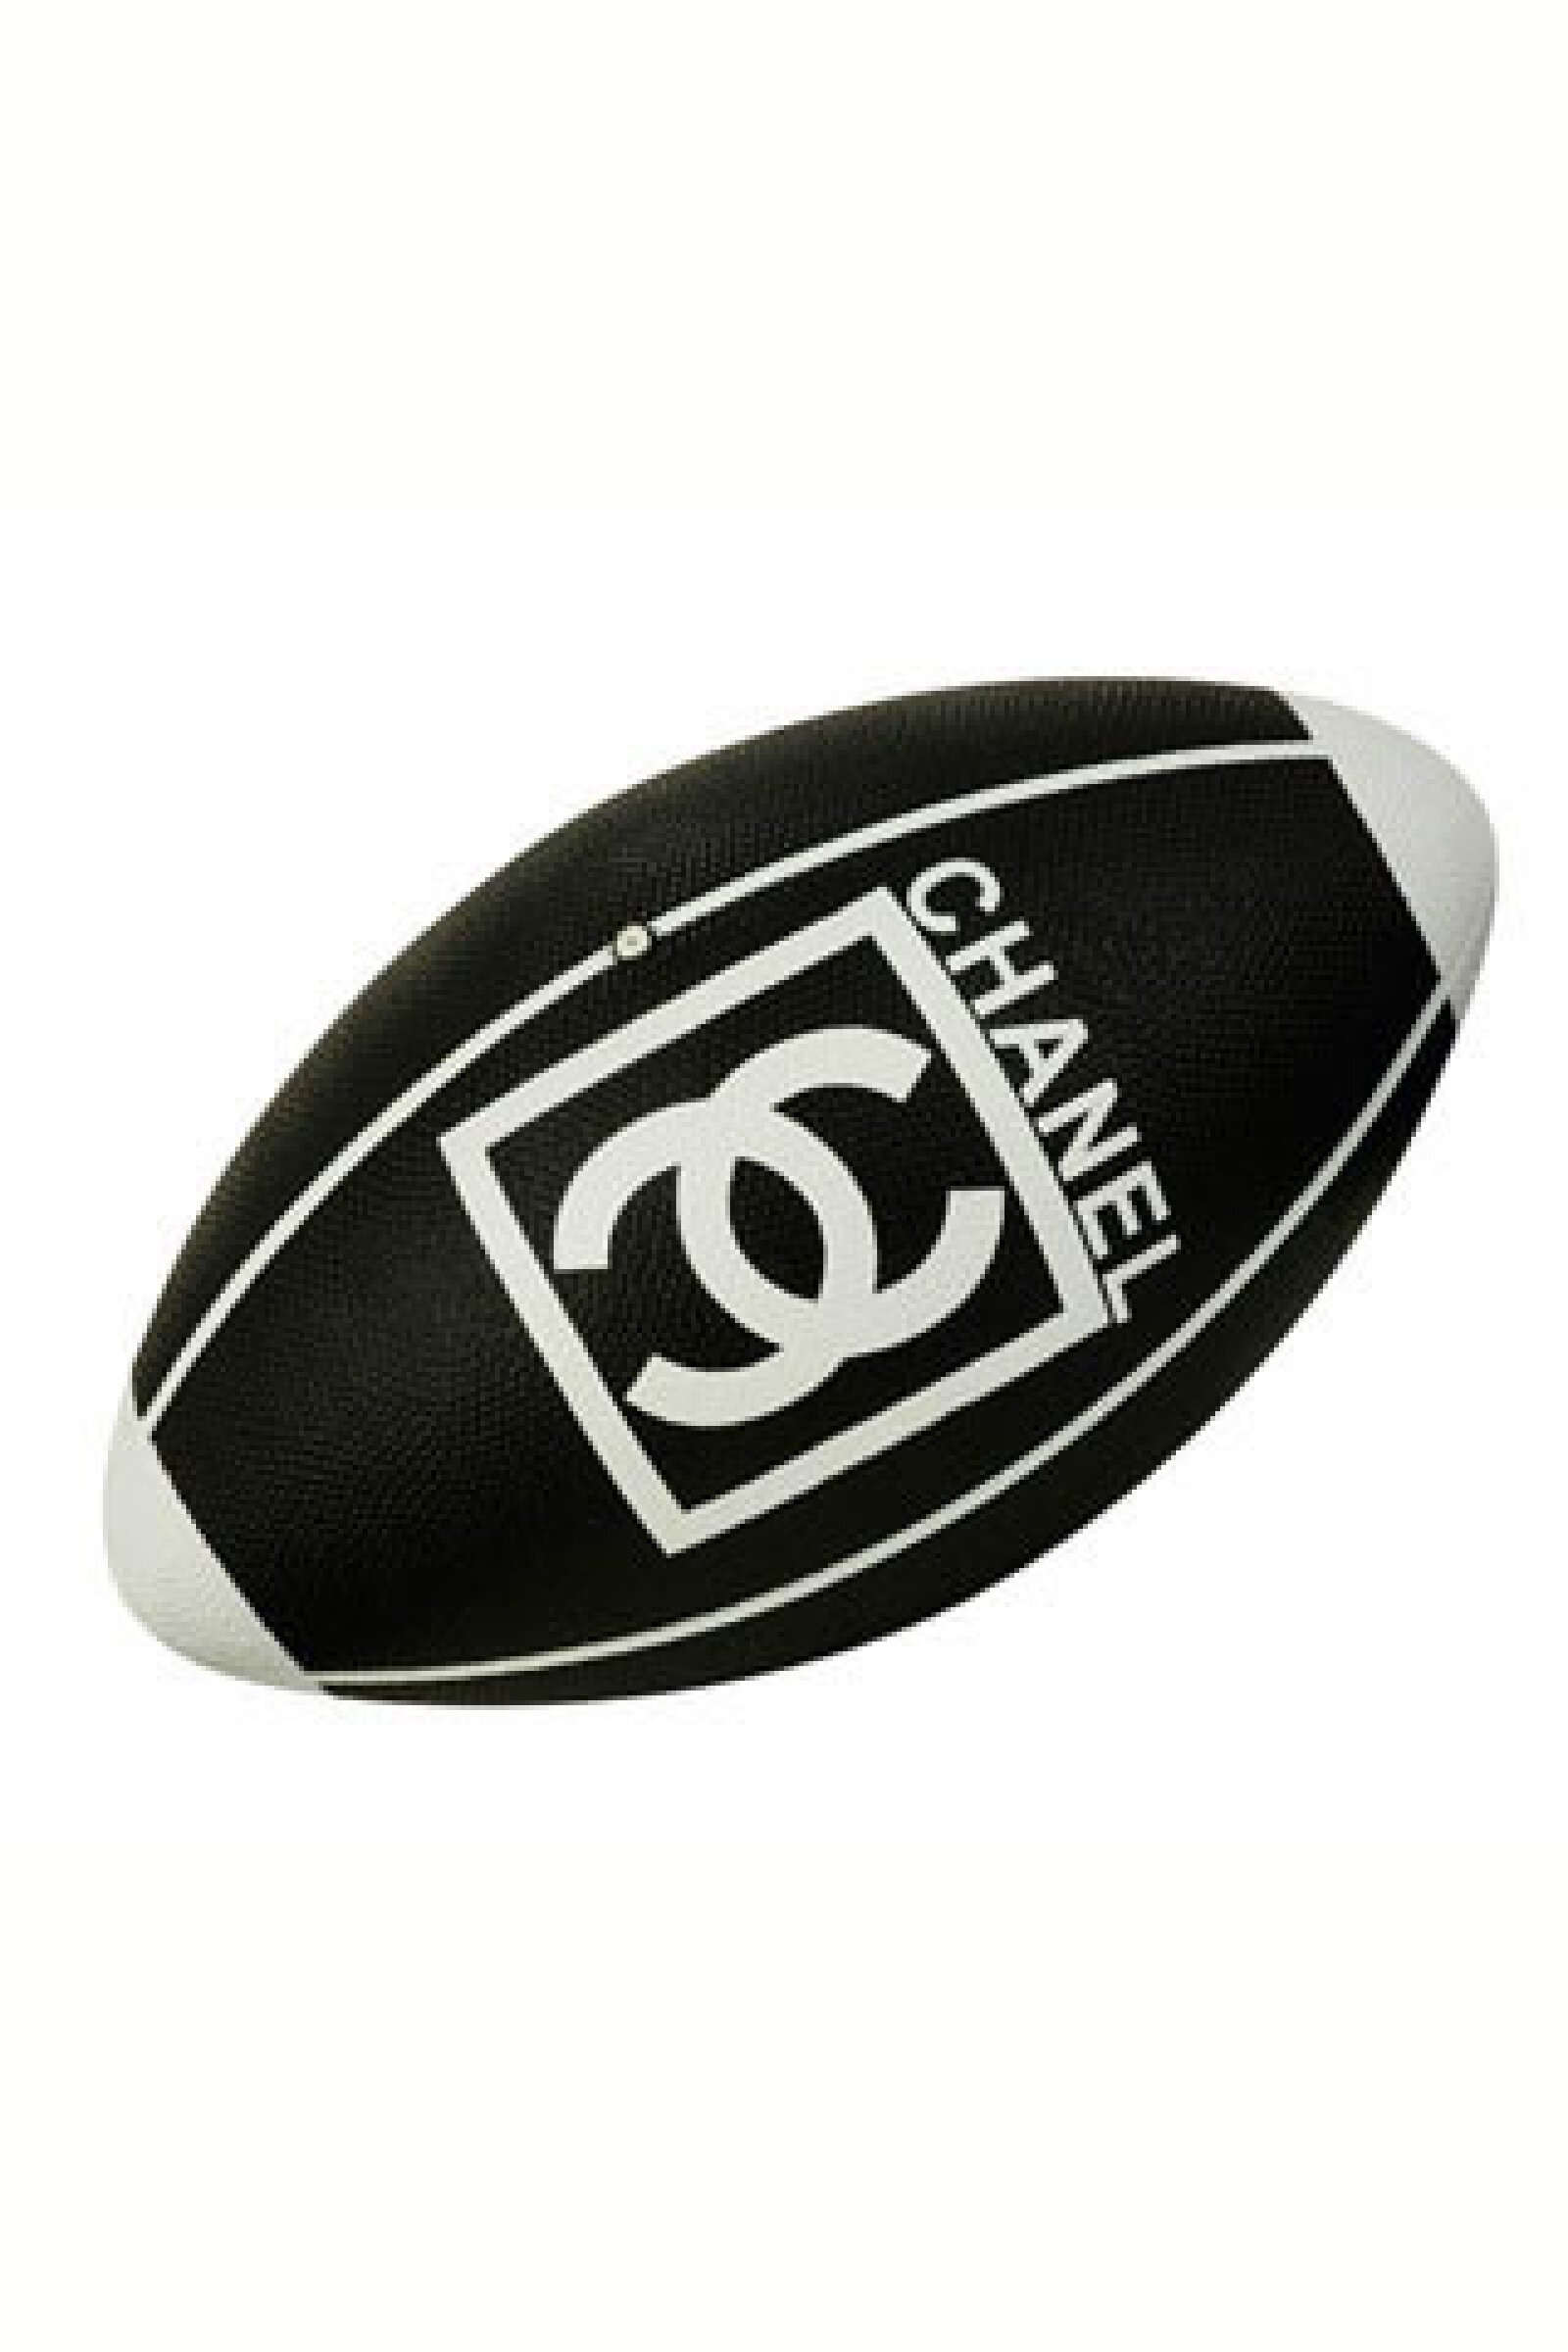 Balón de rugby monocromático.